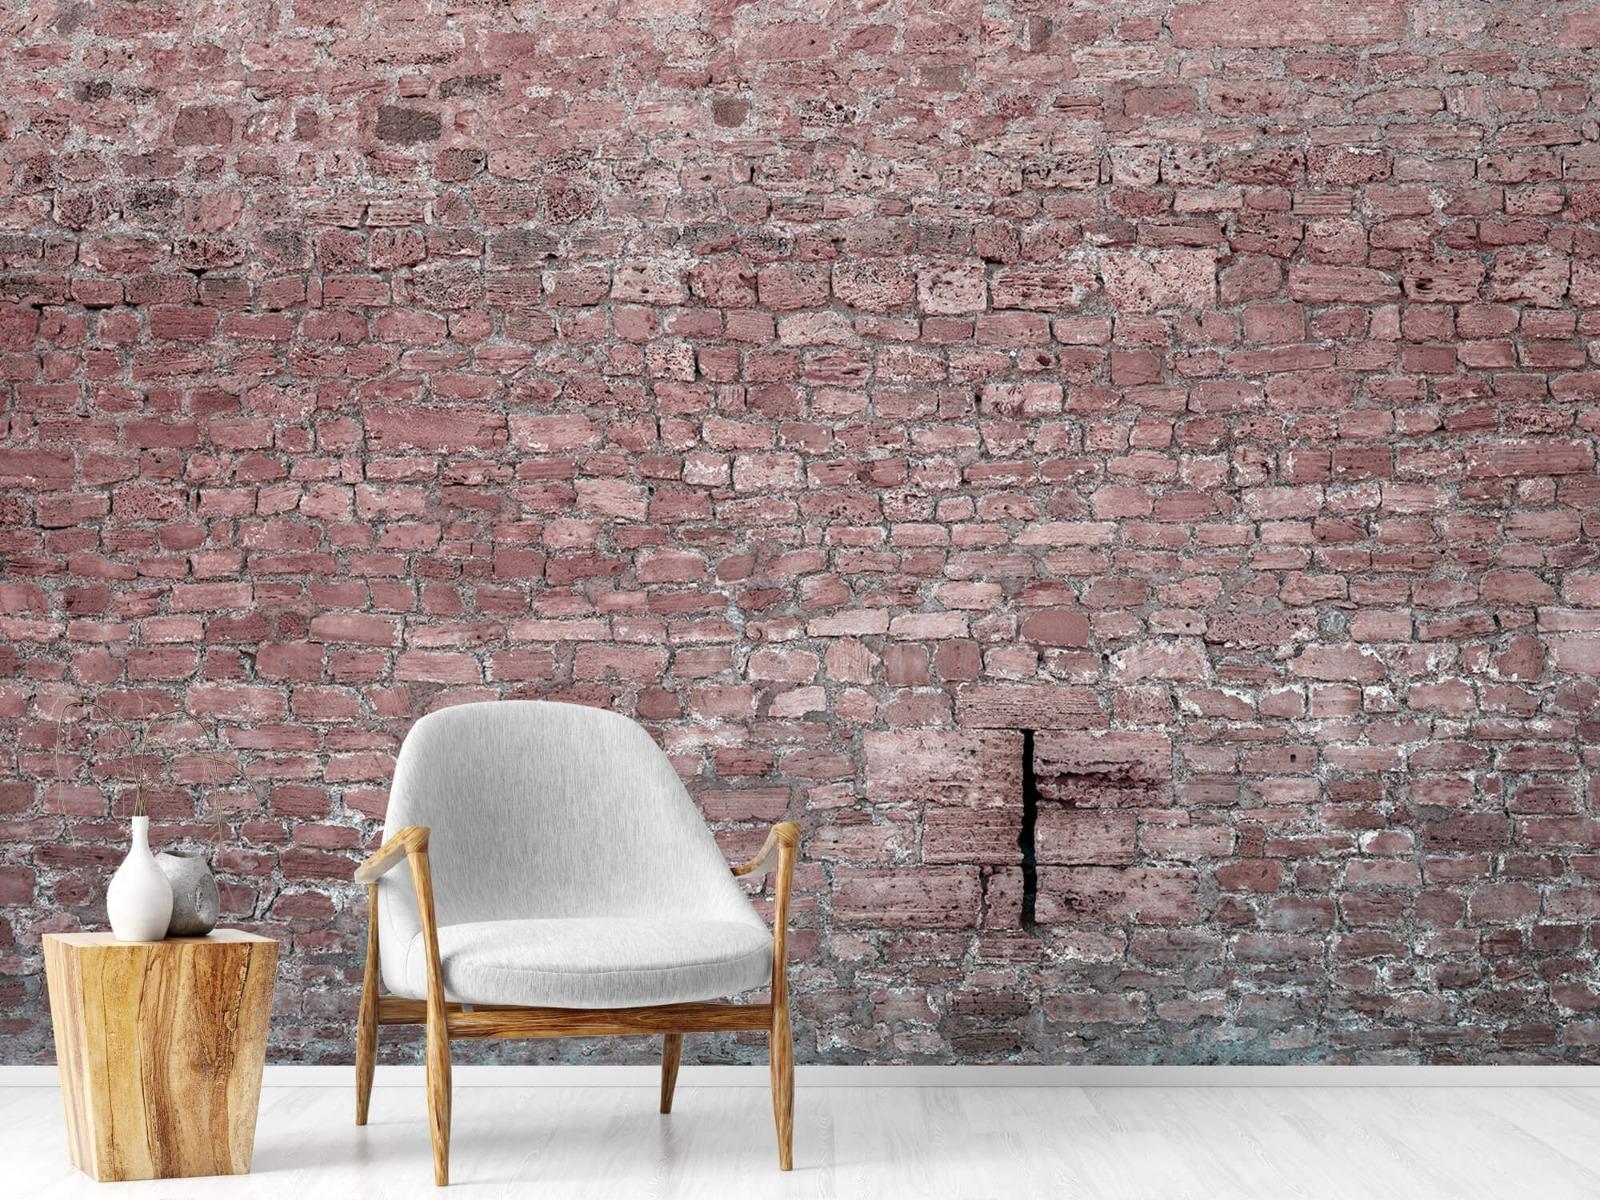 Steen behang - Muur van oude stenen - Tienerkamer 18